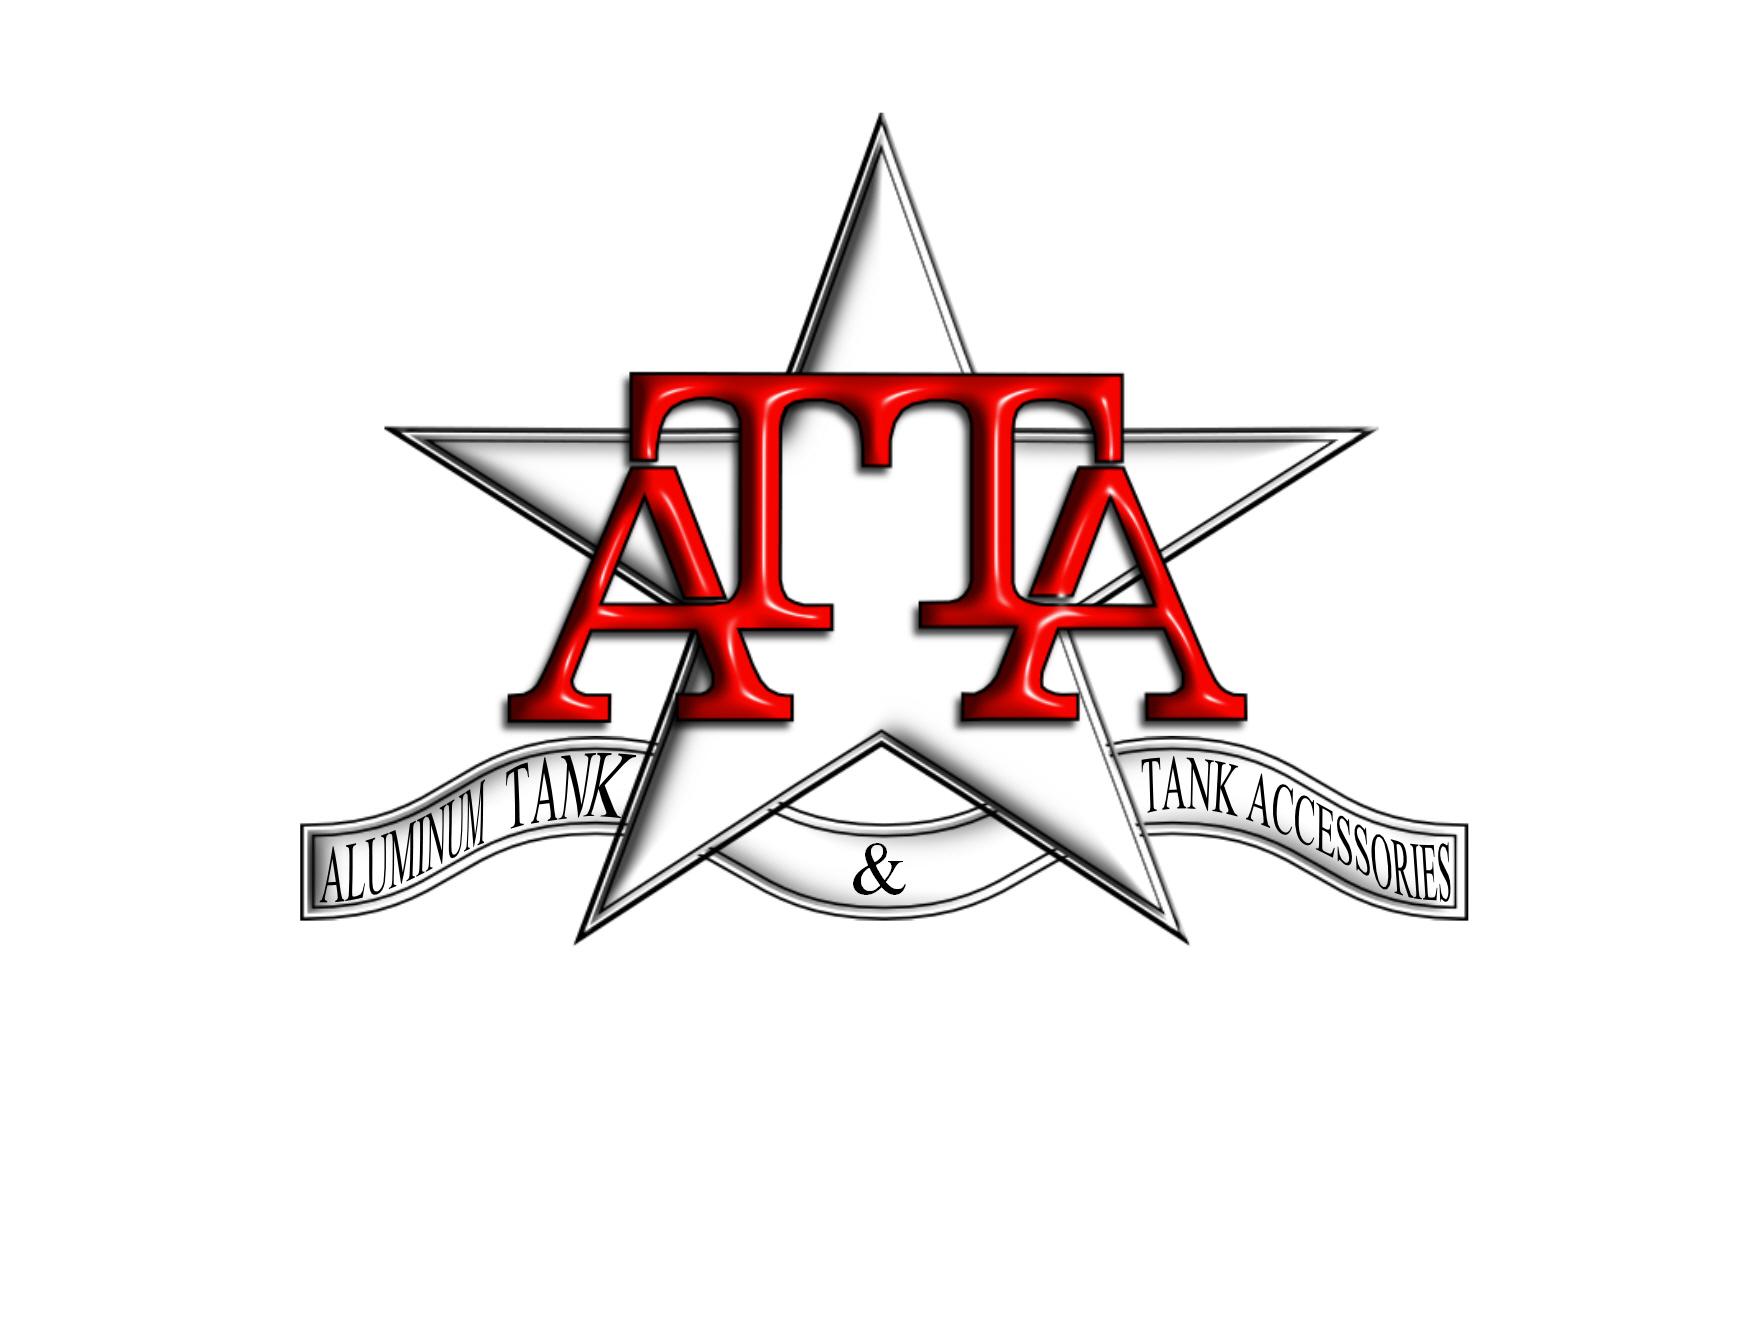 new-atta-logo.jpg